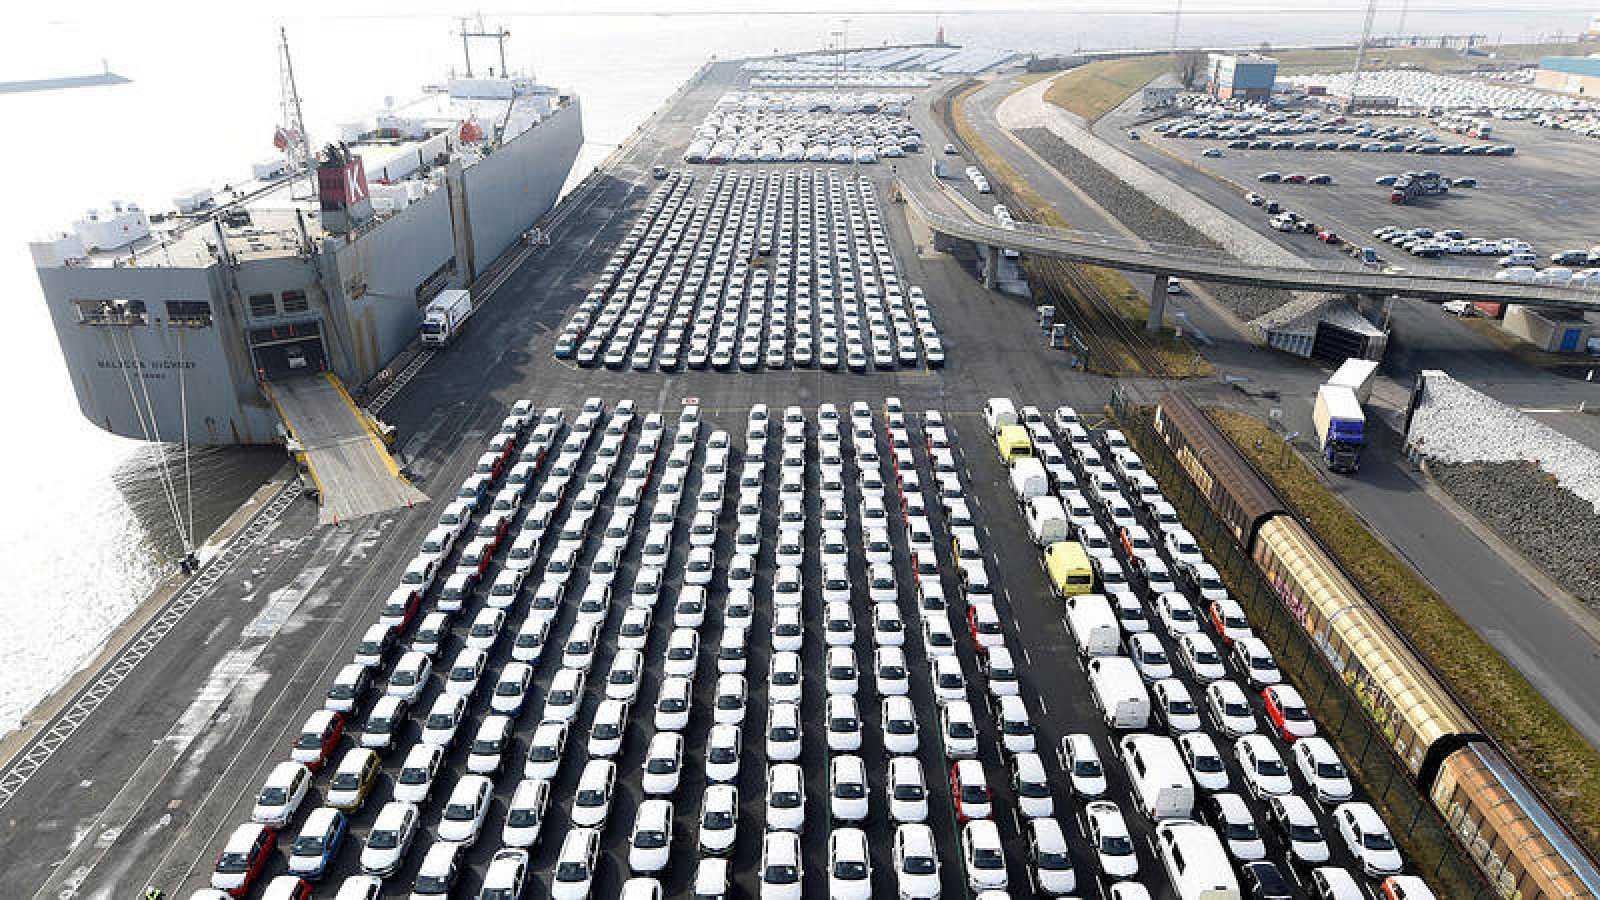 Coches la marca Volkswagen listos para ser embarcados en el puerto de Emden.